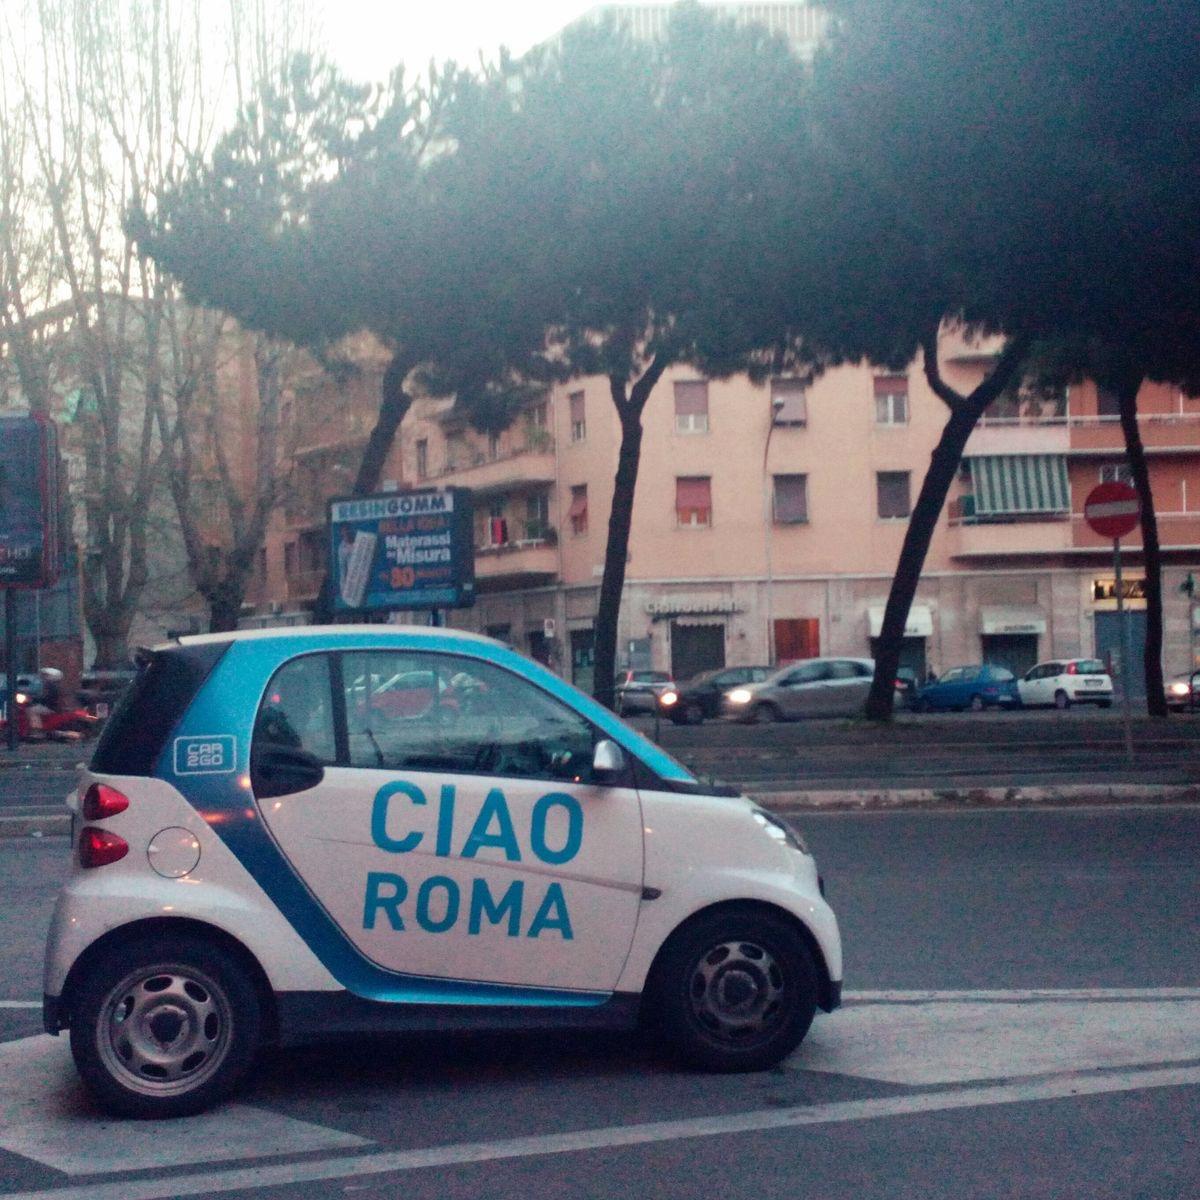 Ciao rome